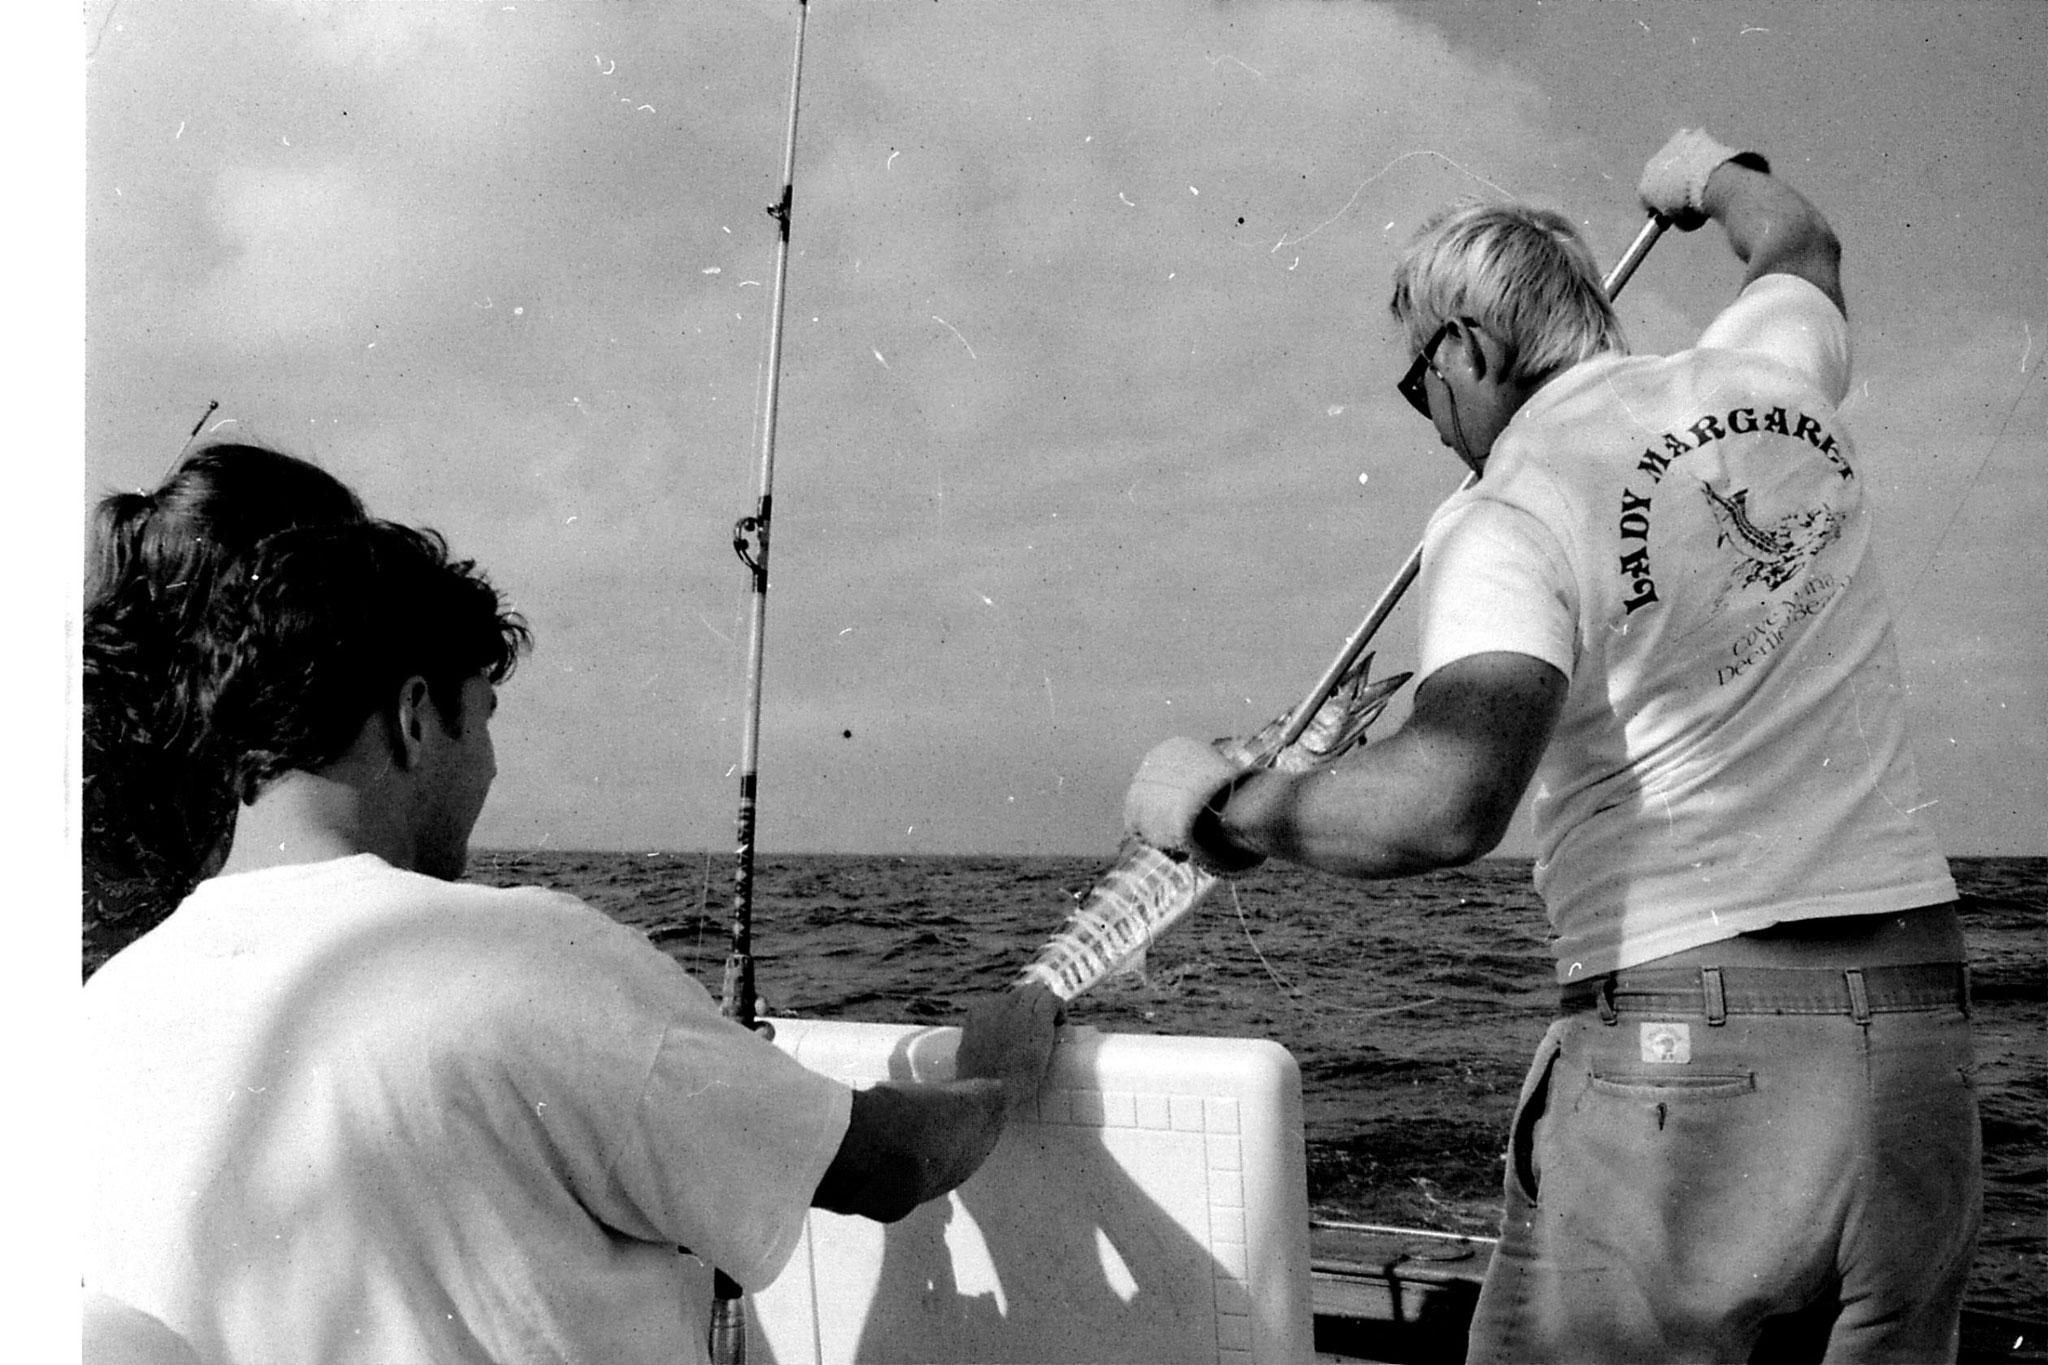 12/1990: 21: Fishing trip